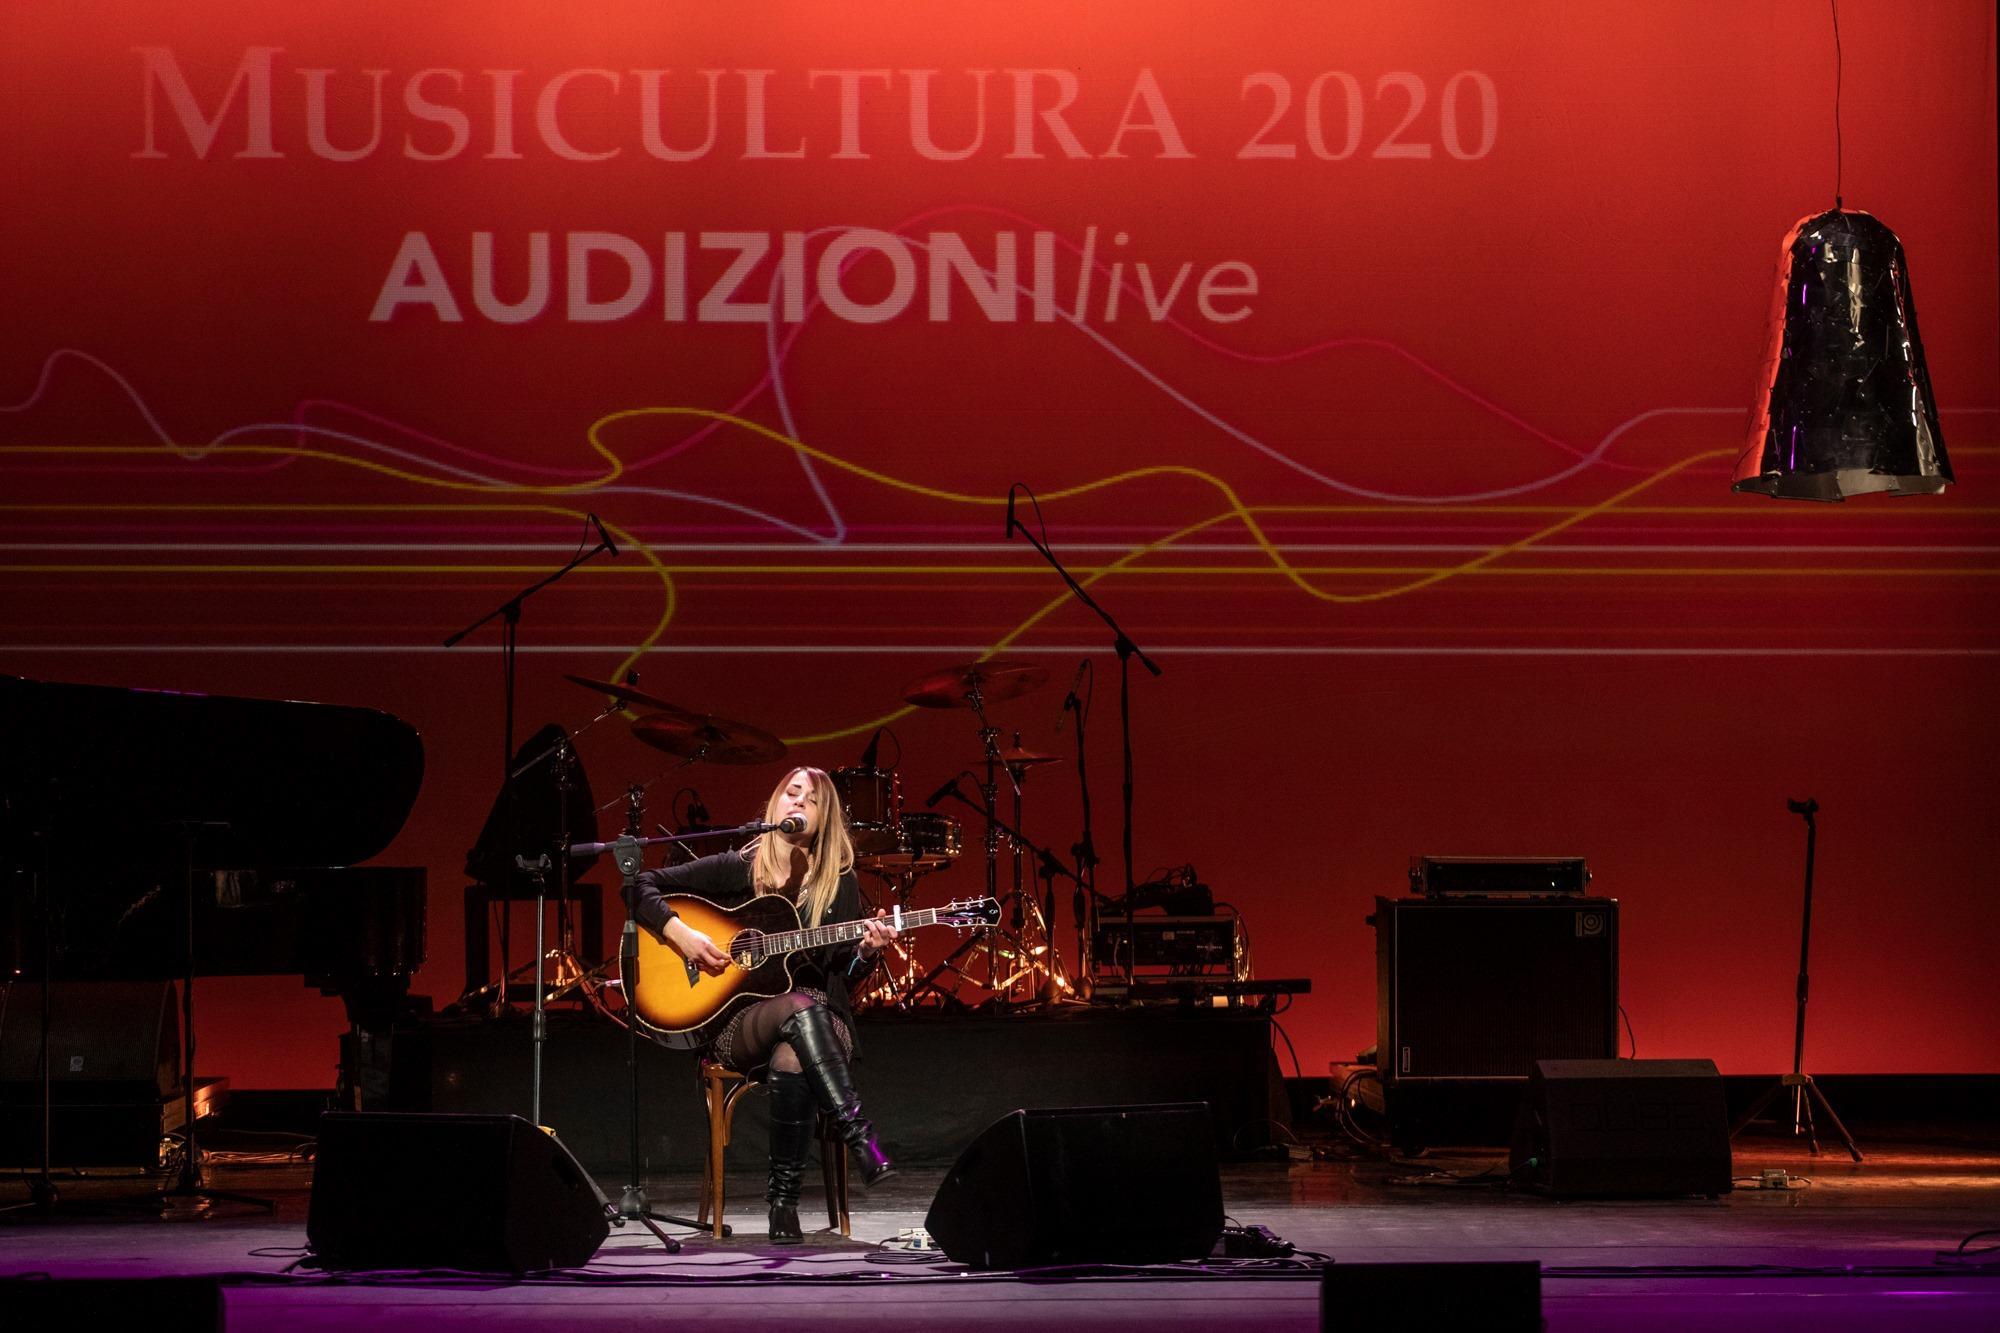 Musicultura, audizioni live a porte chiuse ma in diretta tv